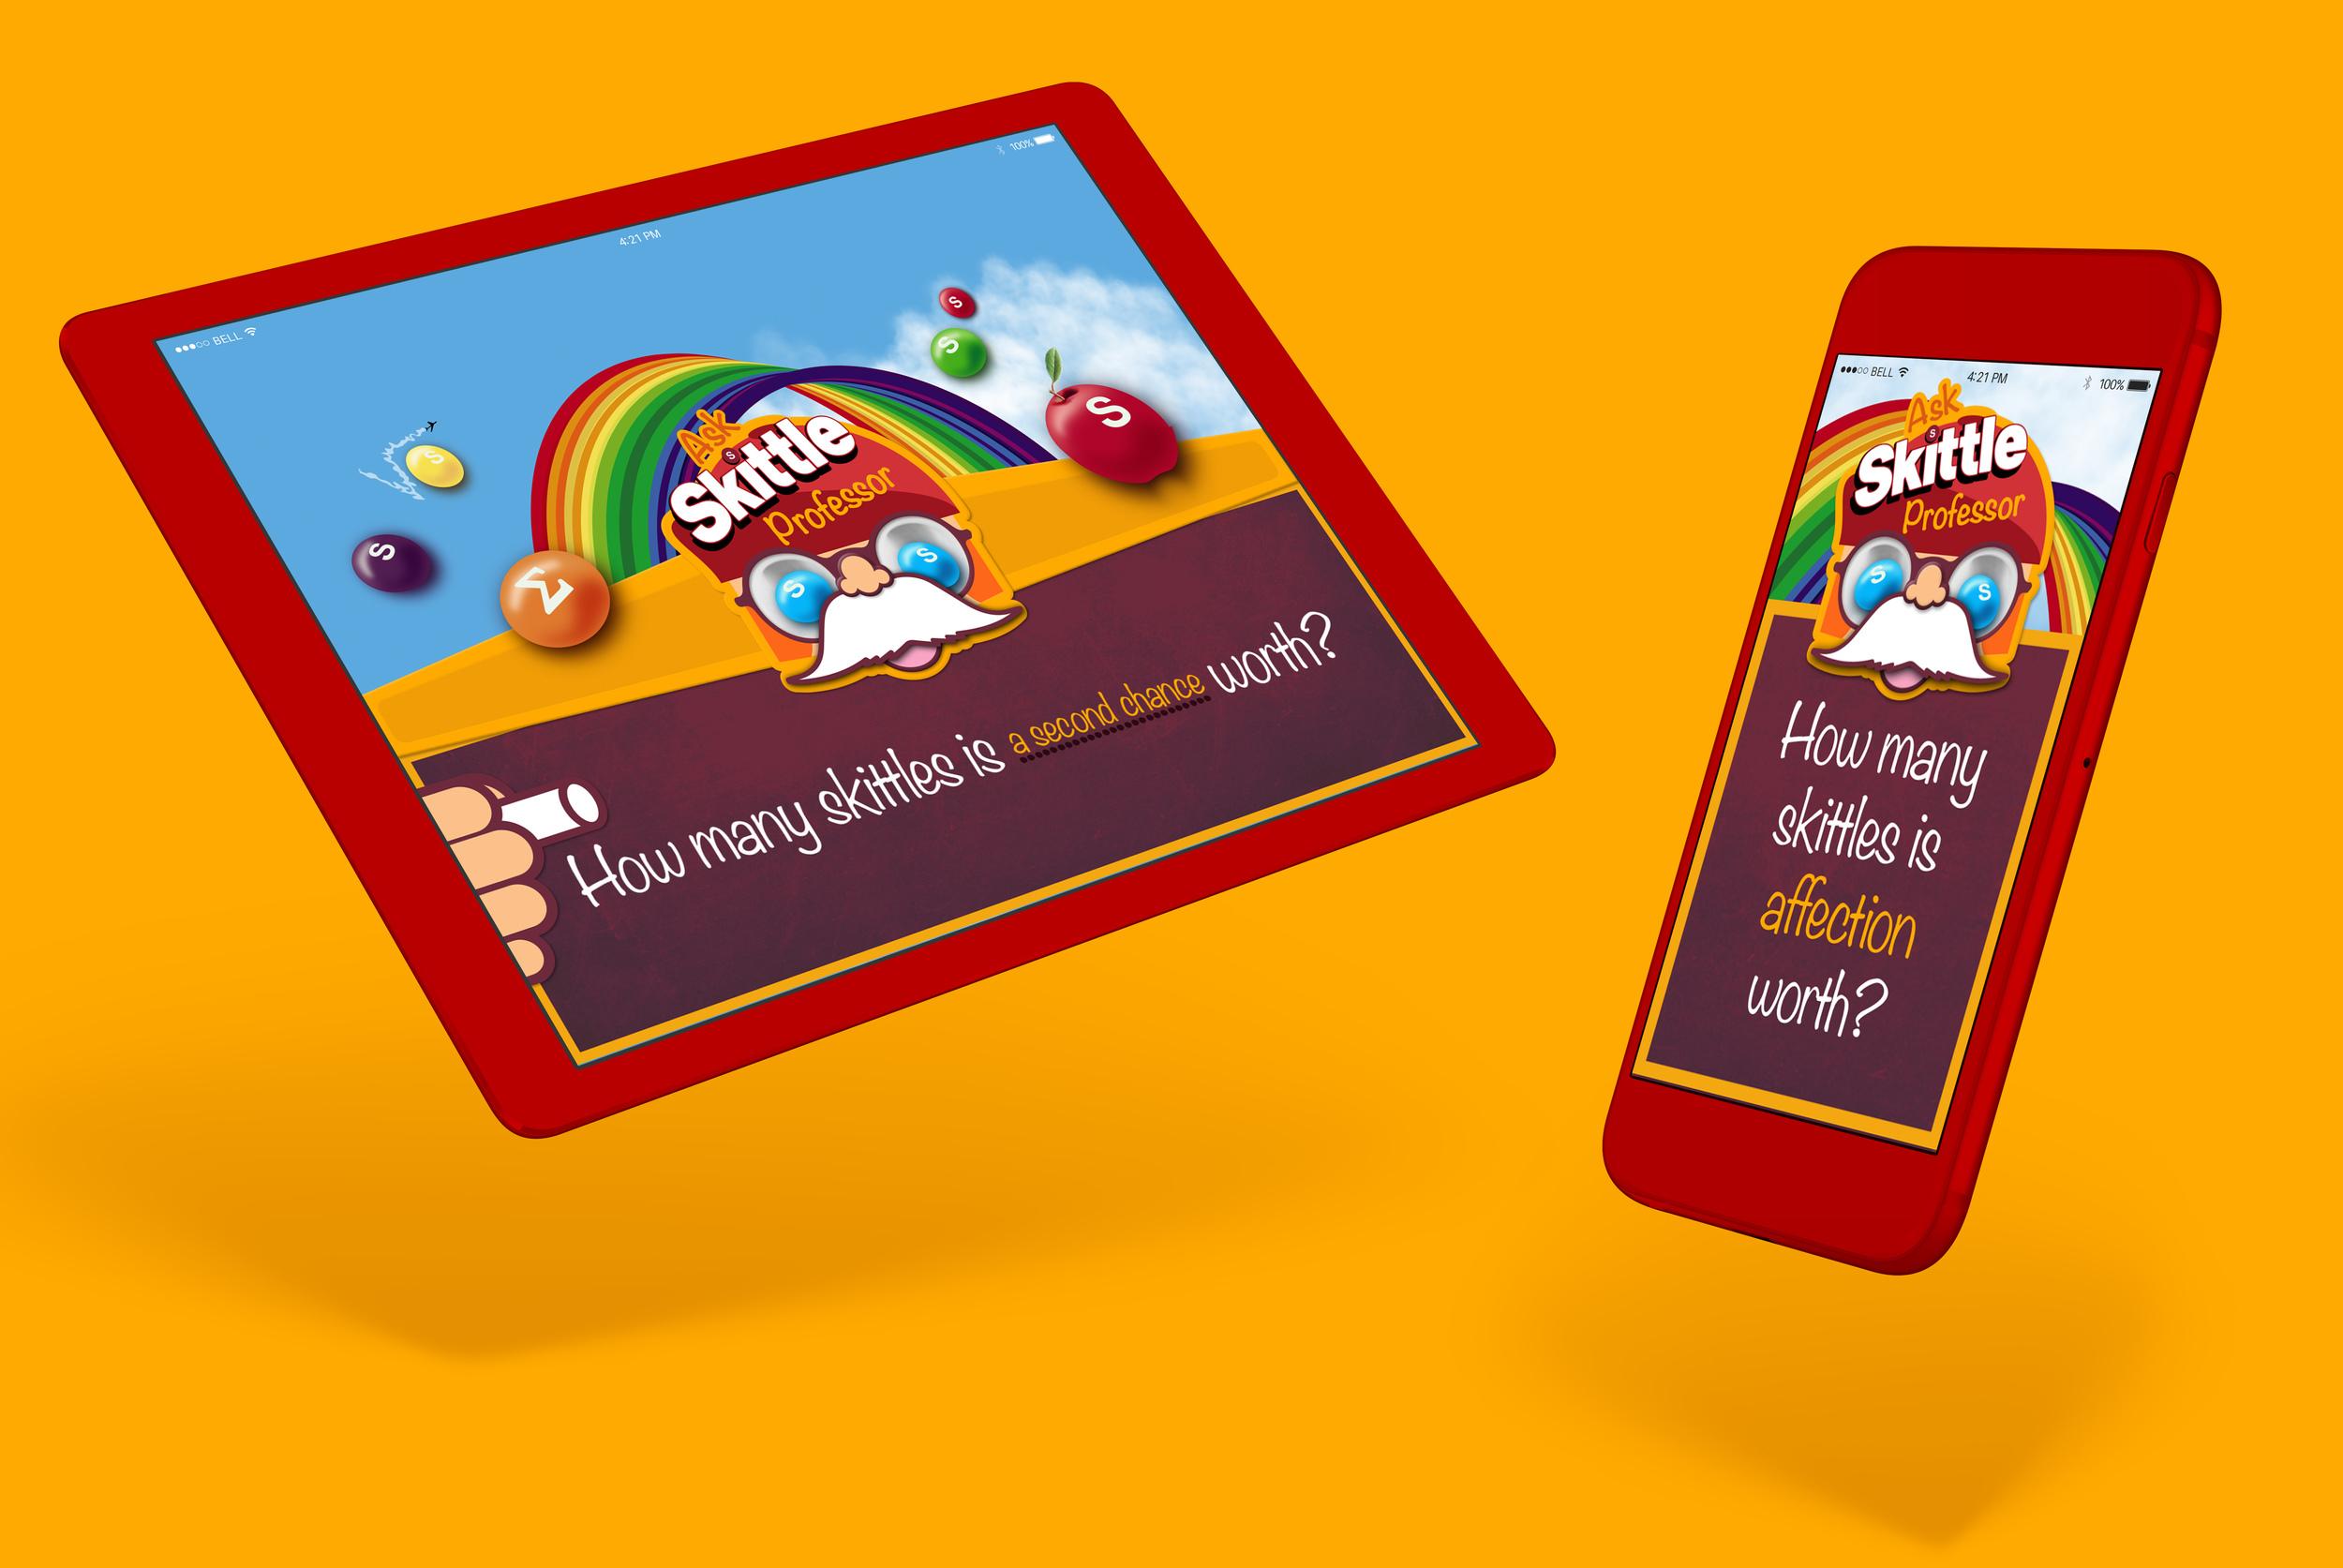 iPad skittles 2-.jpg